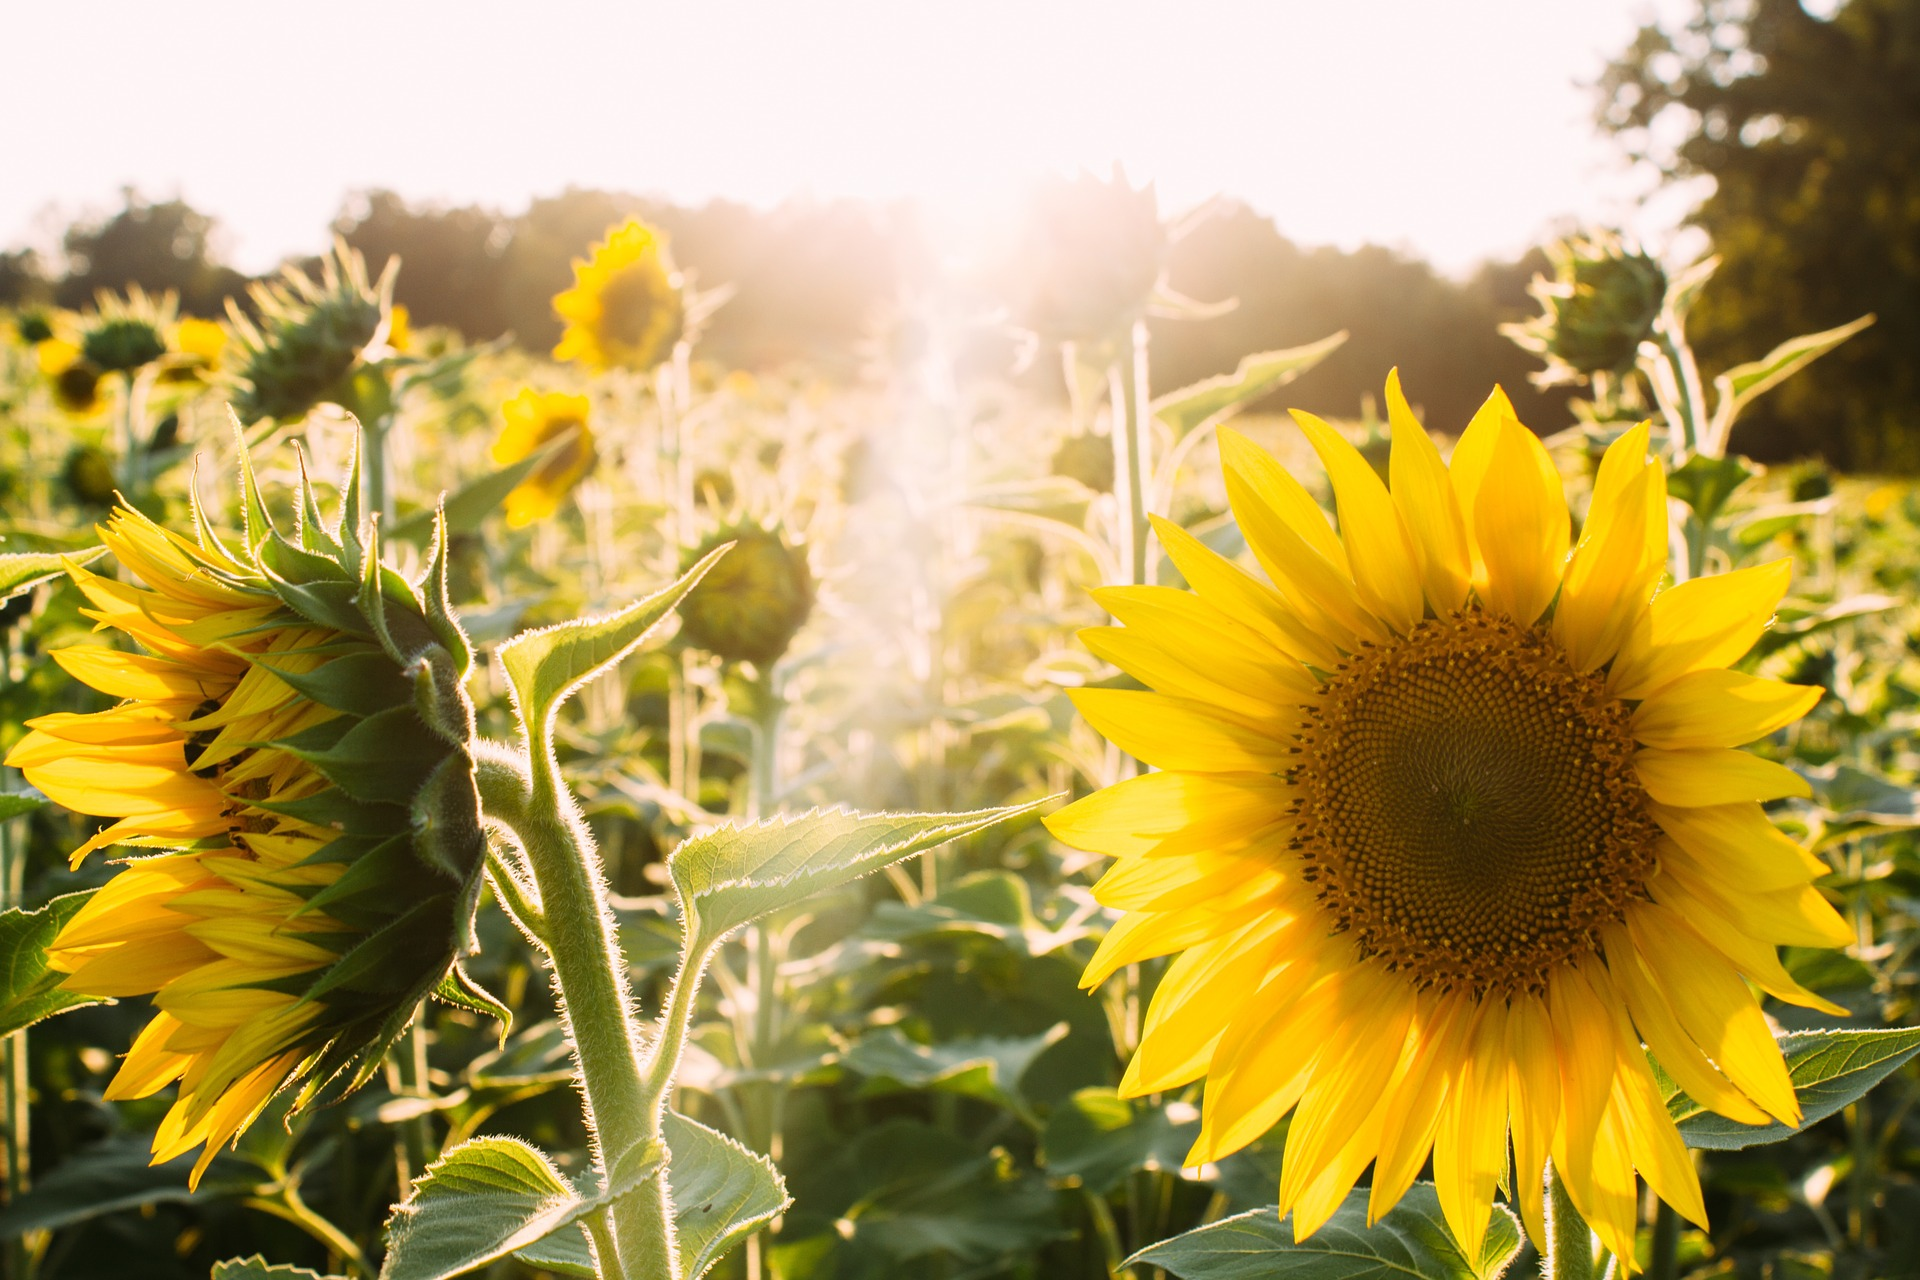 sunflowers-945407_1920